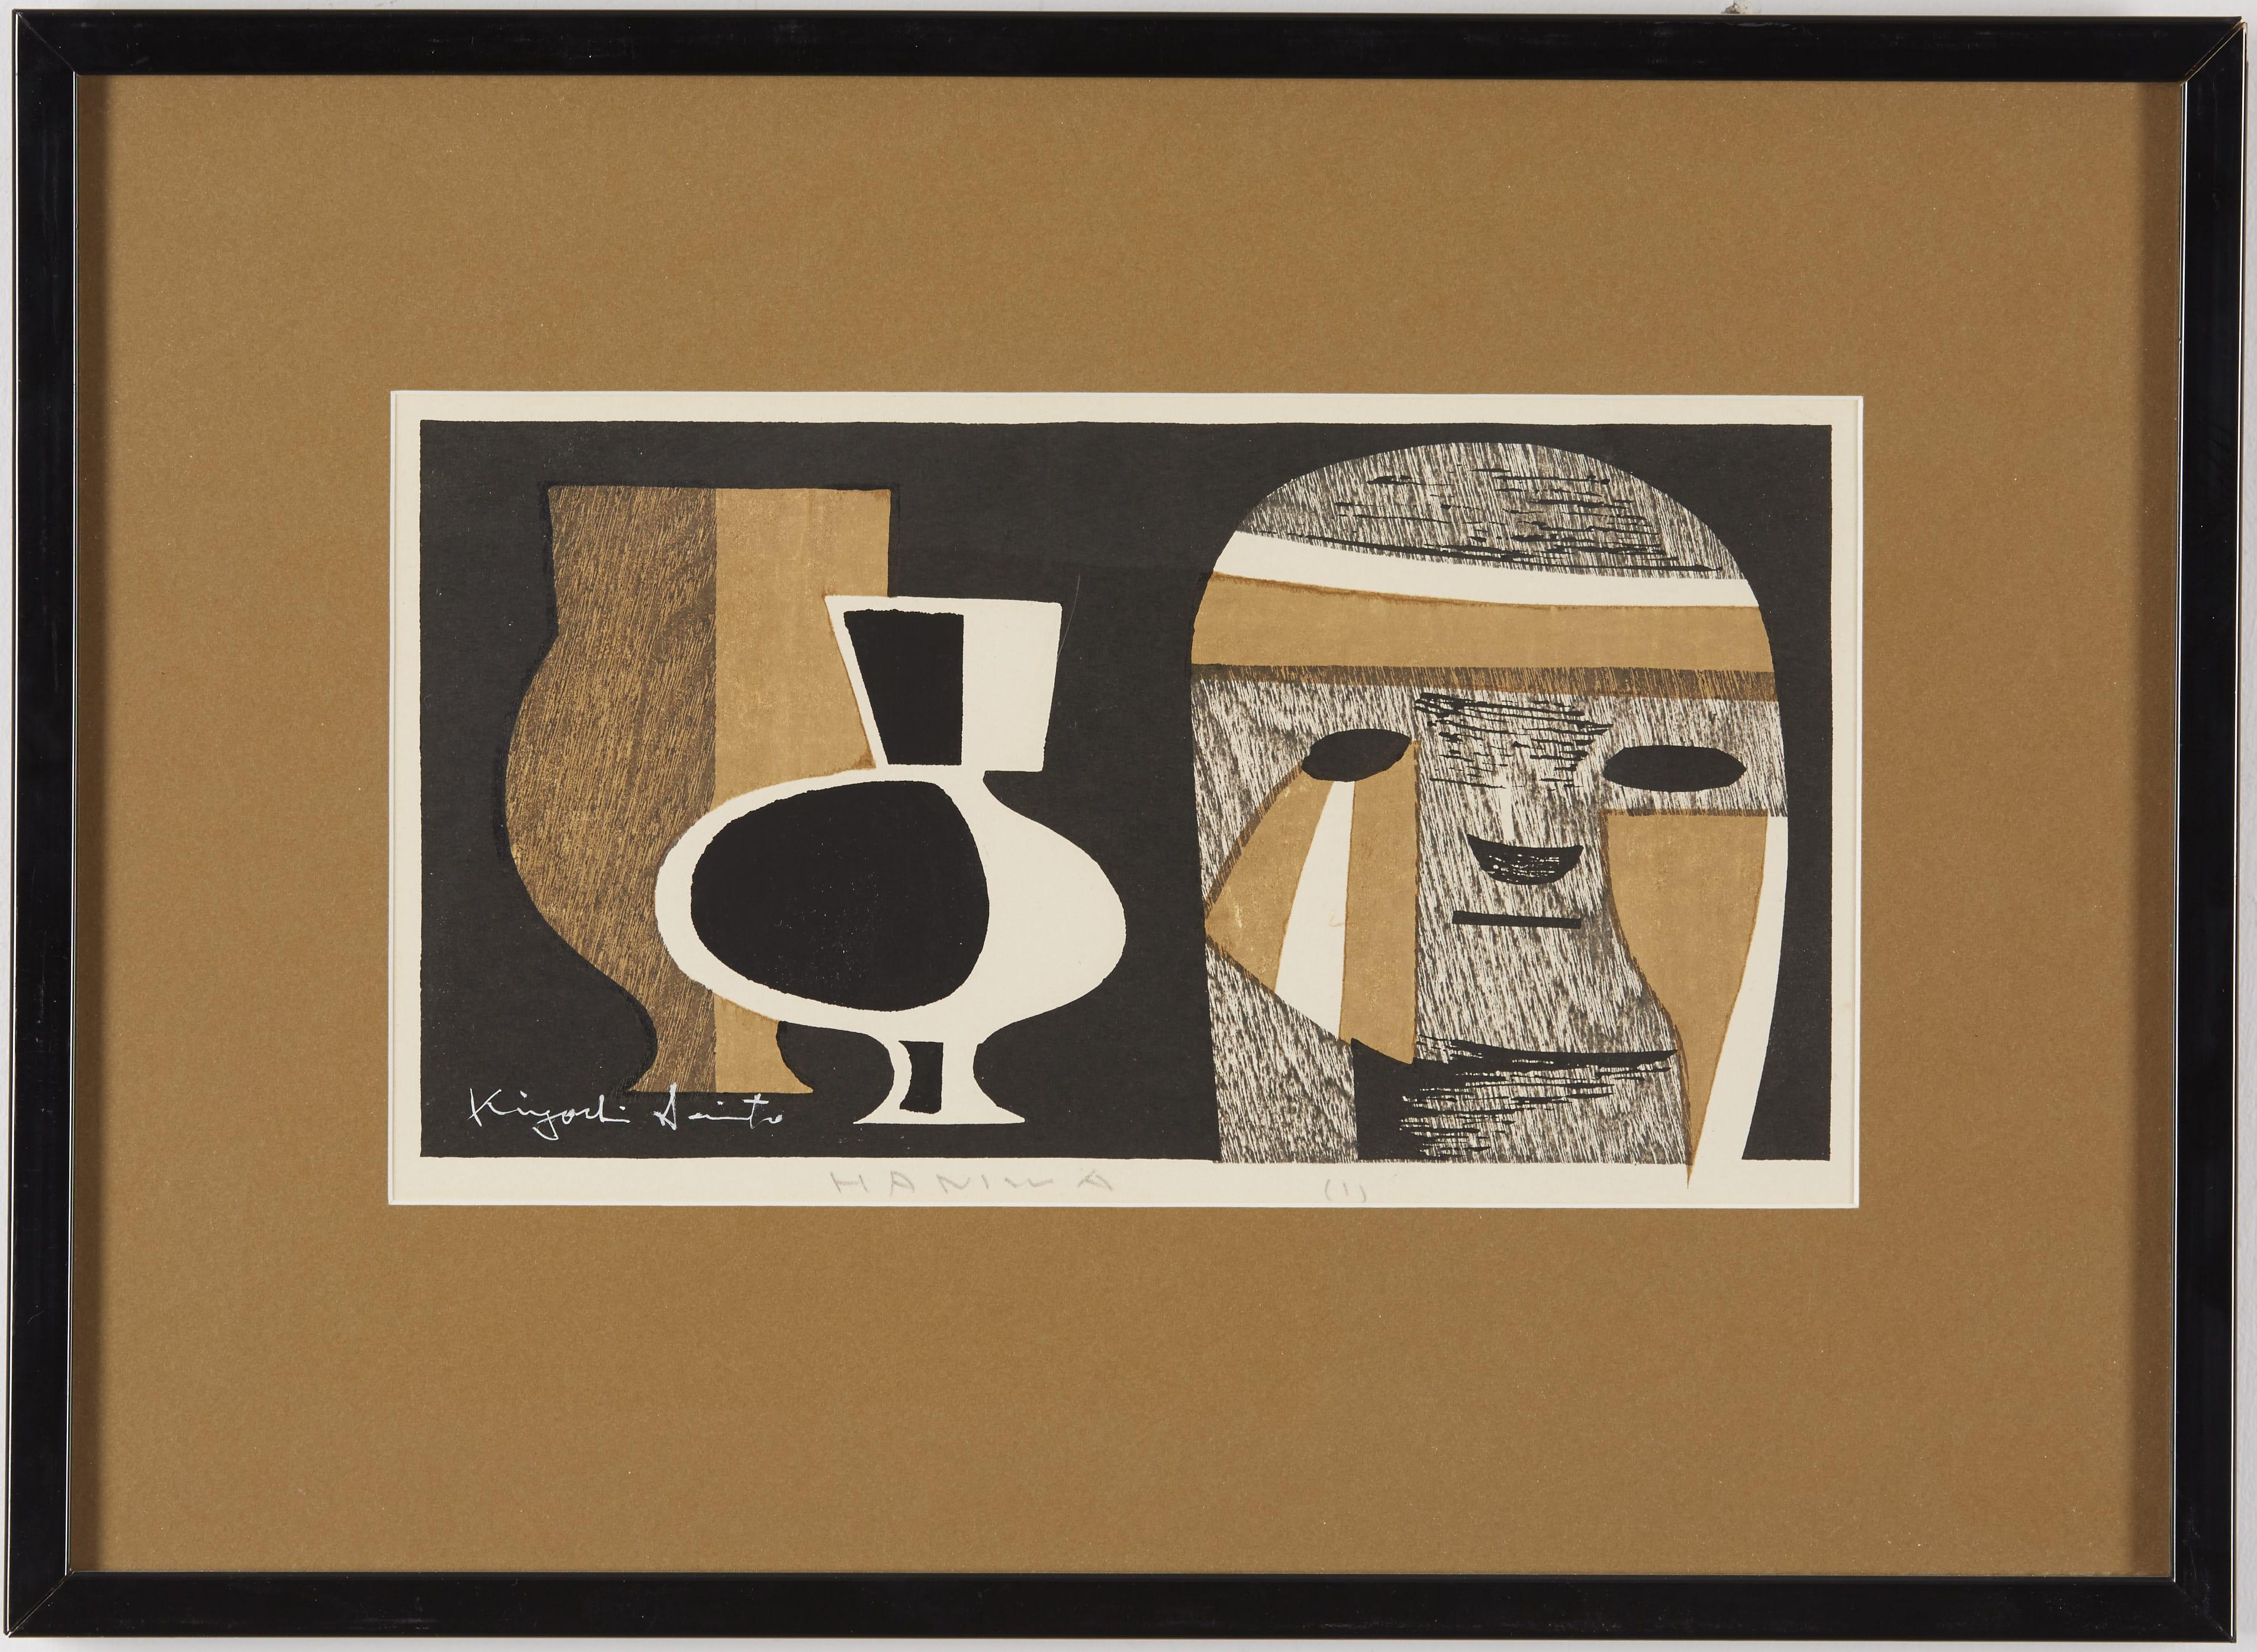 Lot 095: Pair of Kiyoshi Saito Haniwa 1 and 2 Woodblock Prints